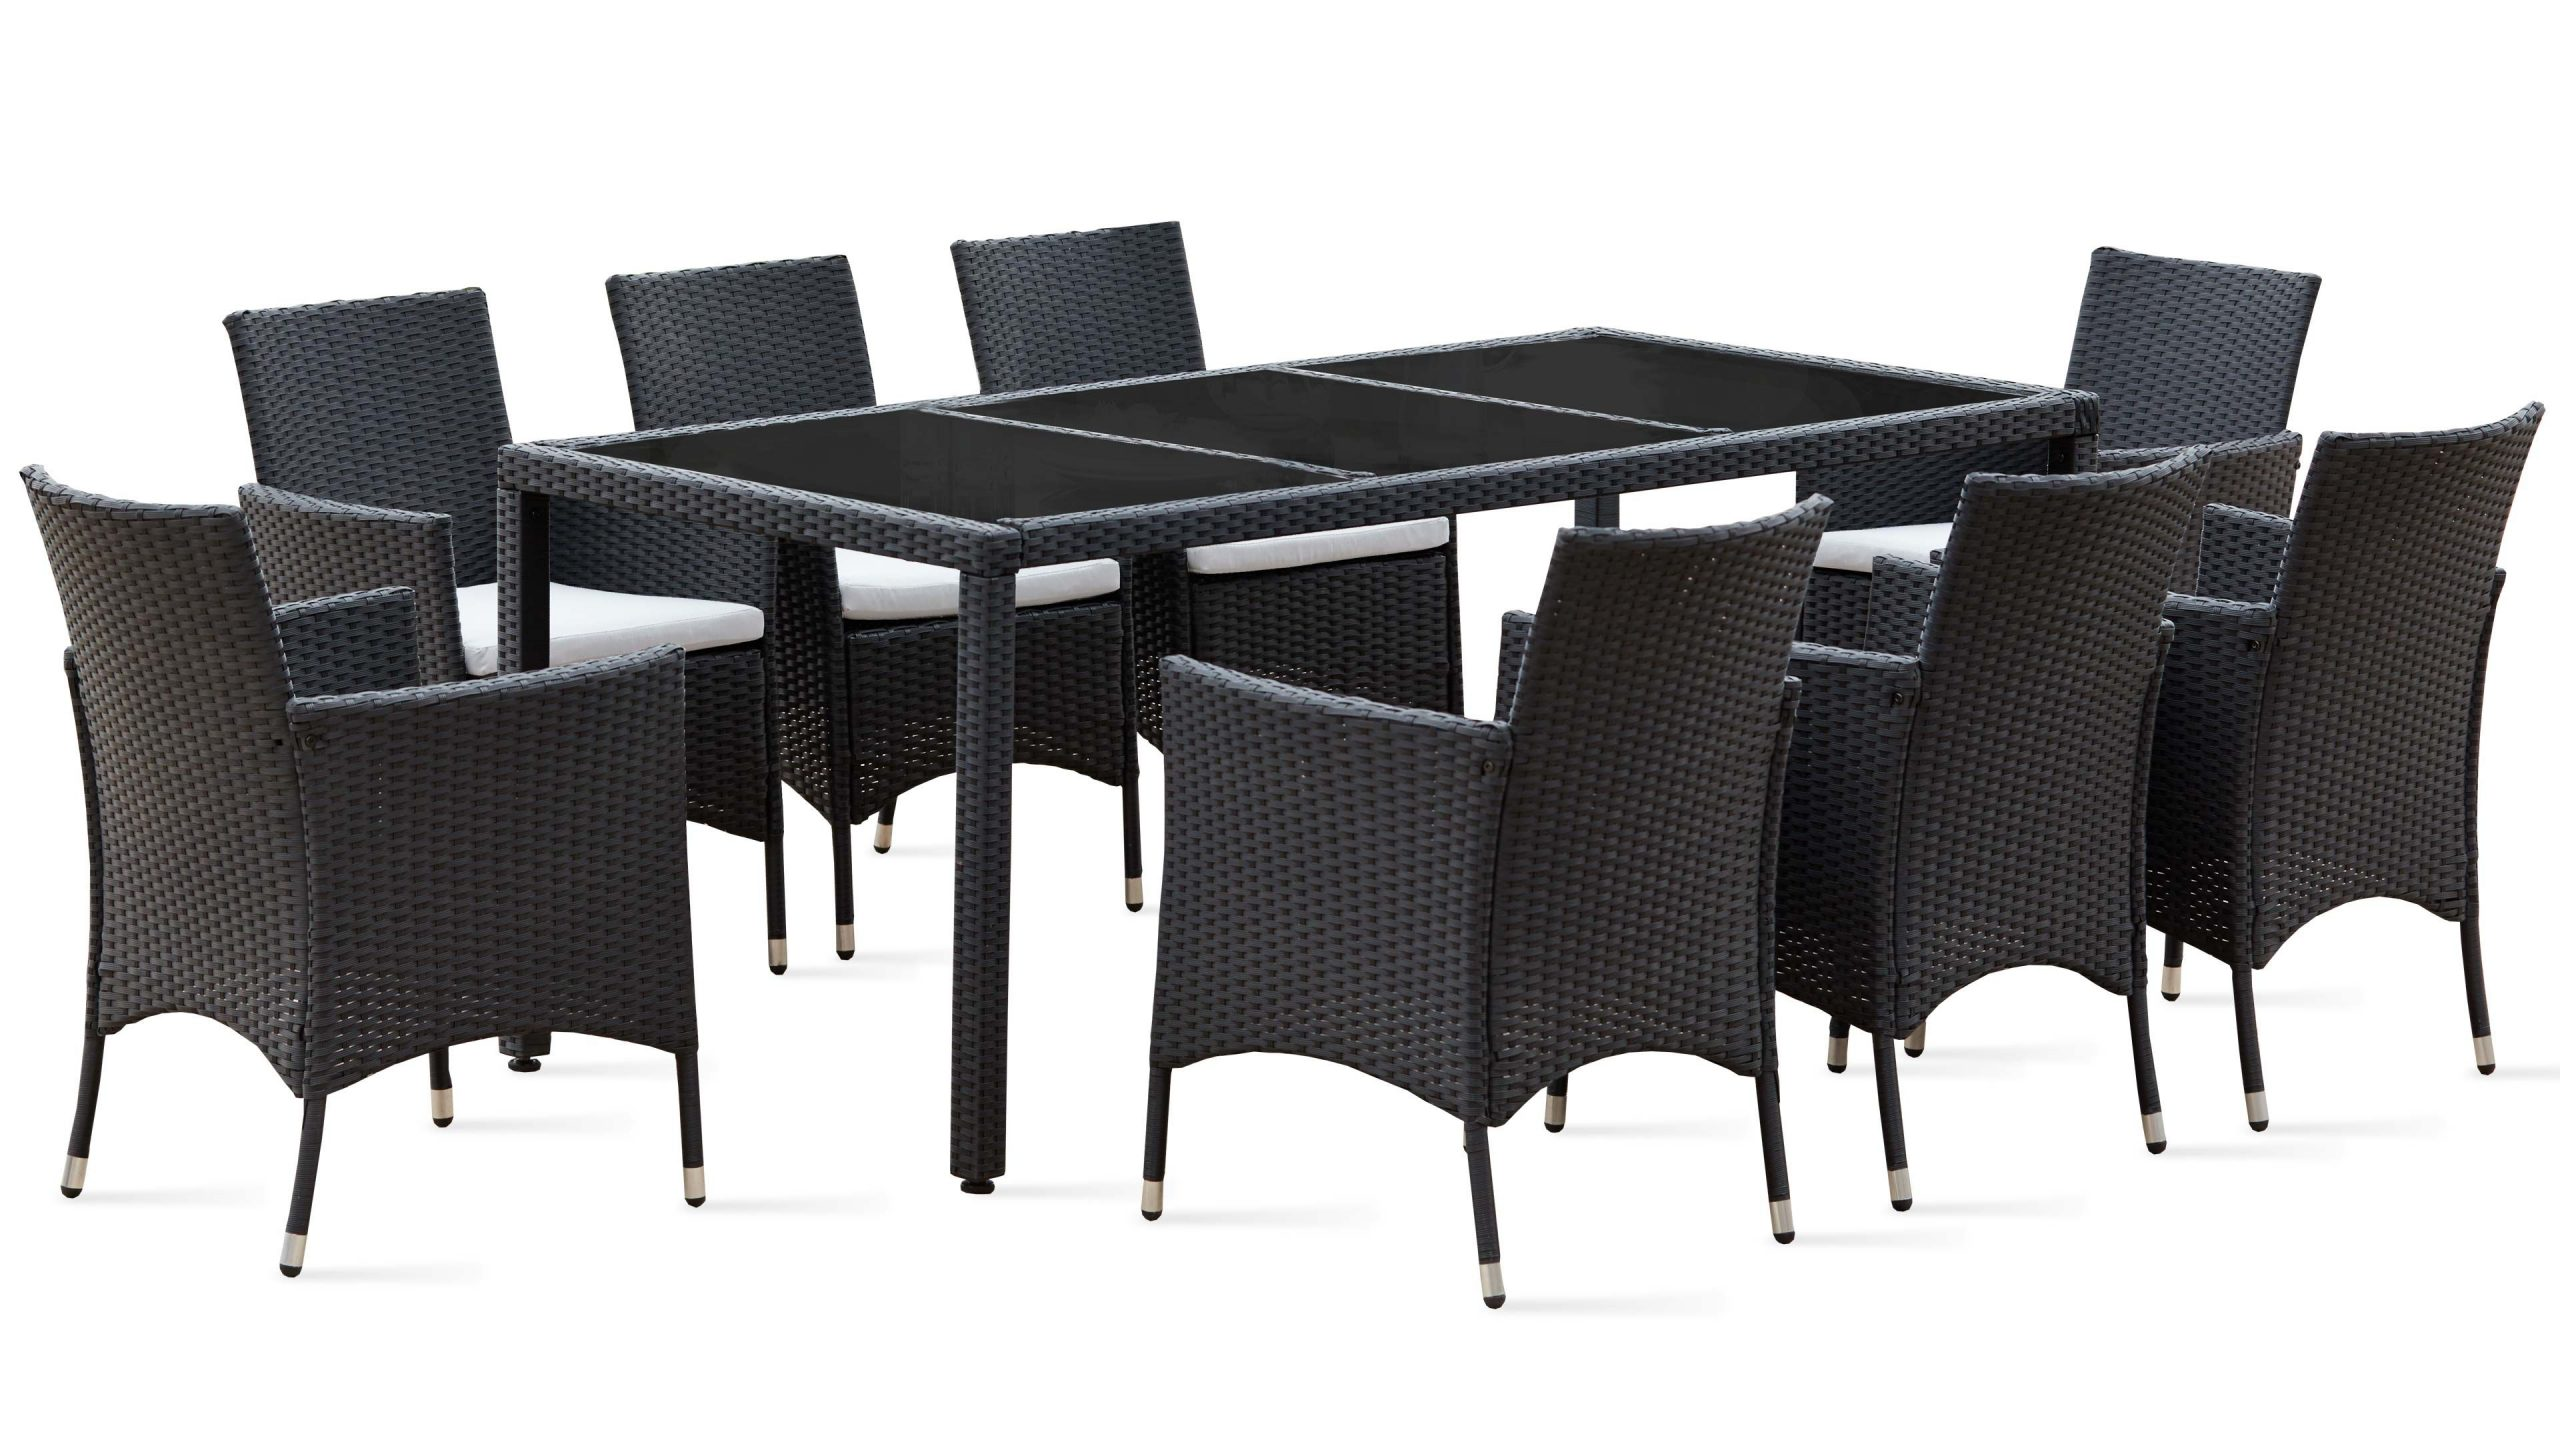 Salon De Jardin Table Résine Tressée 8 Fauteuils tout Chaise De Jardin En Resine Pas Cher